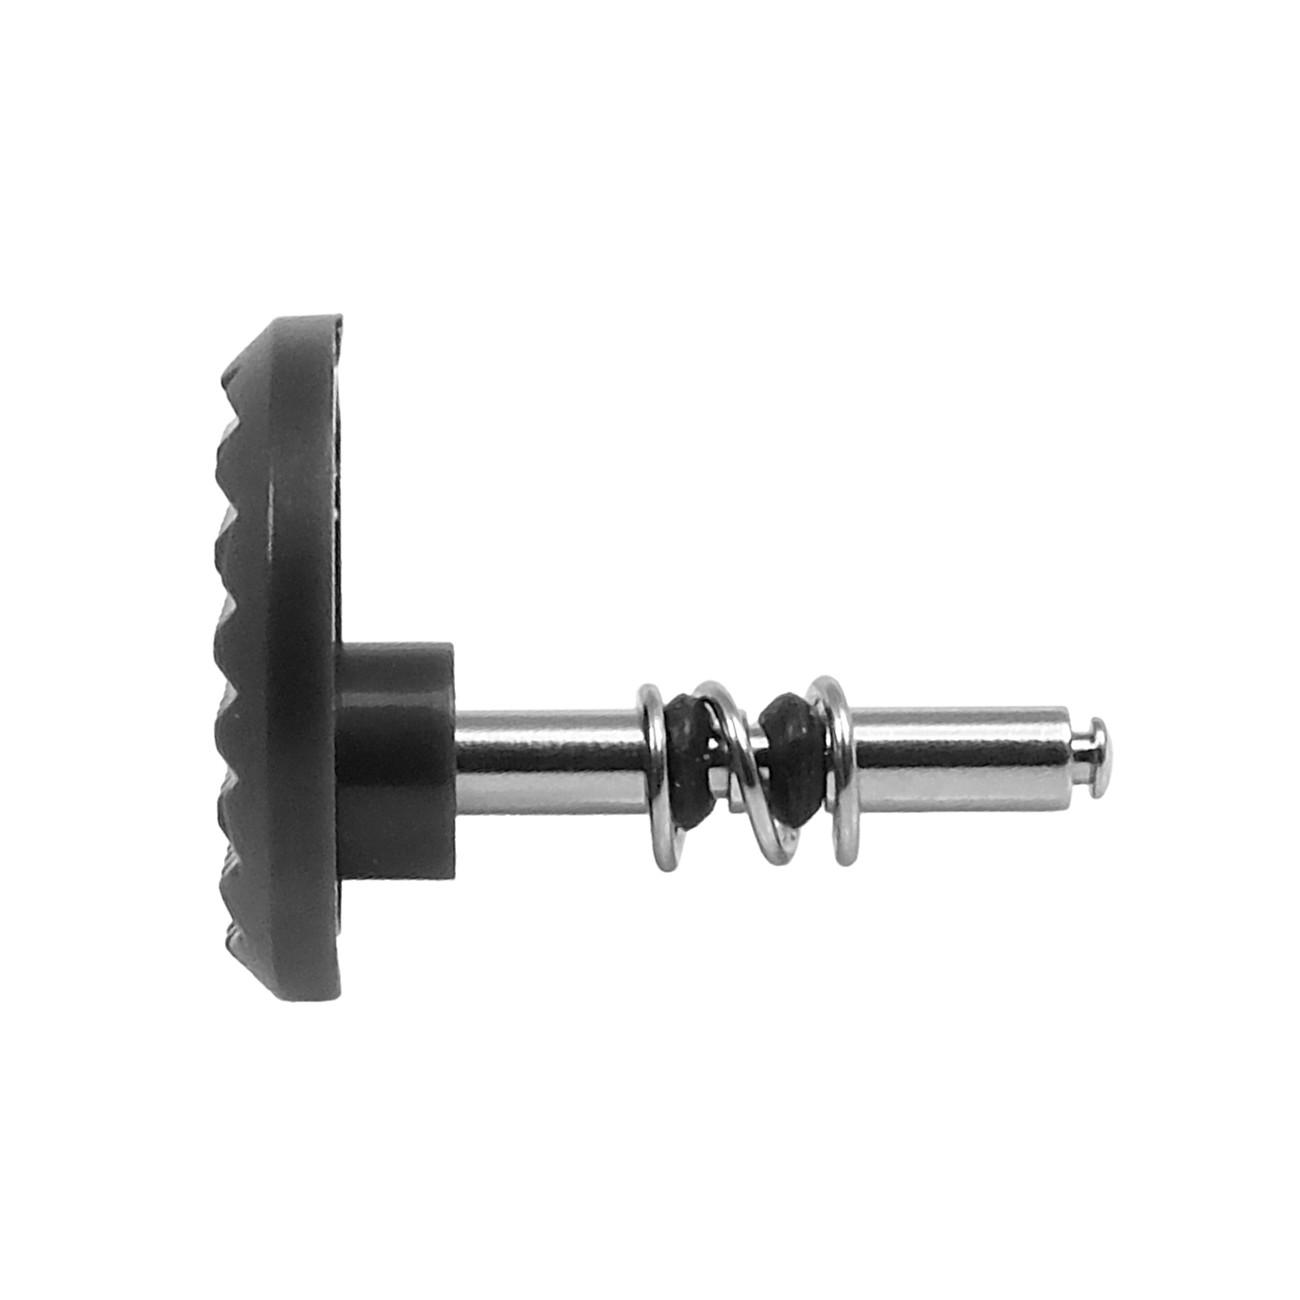 Botão Frontal Iluminação Casio G-shock GBA-800-1AGA-800-1A  - E-Presentes